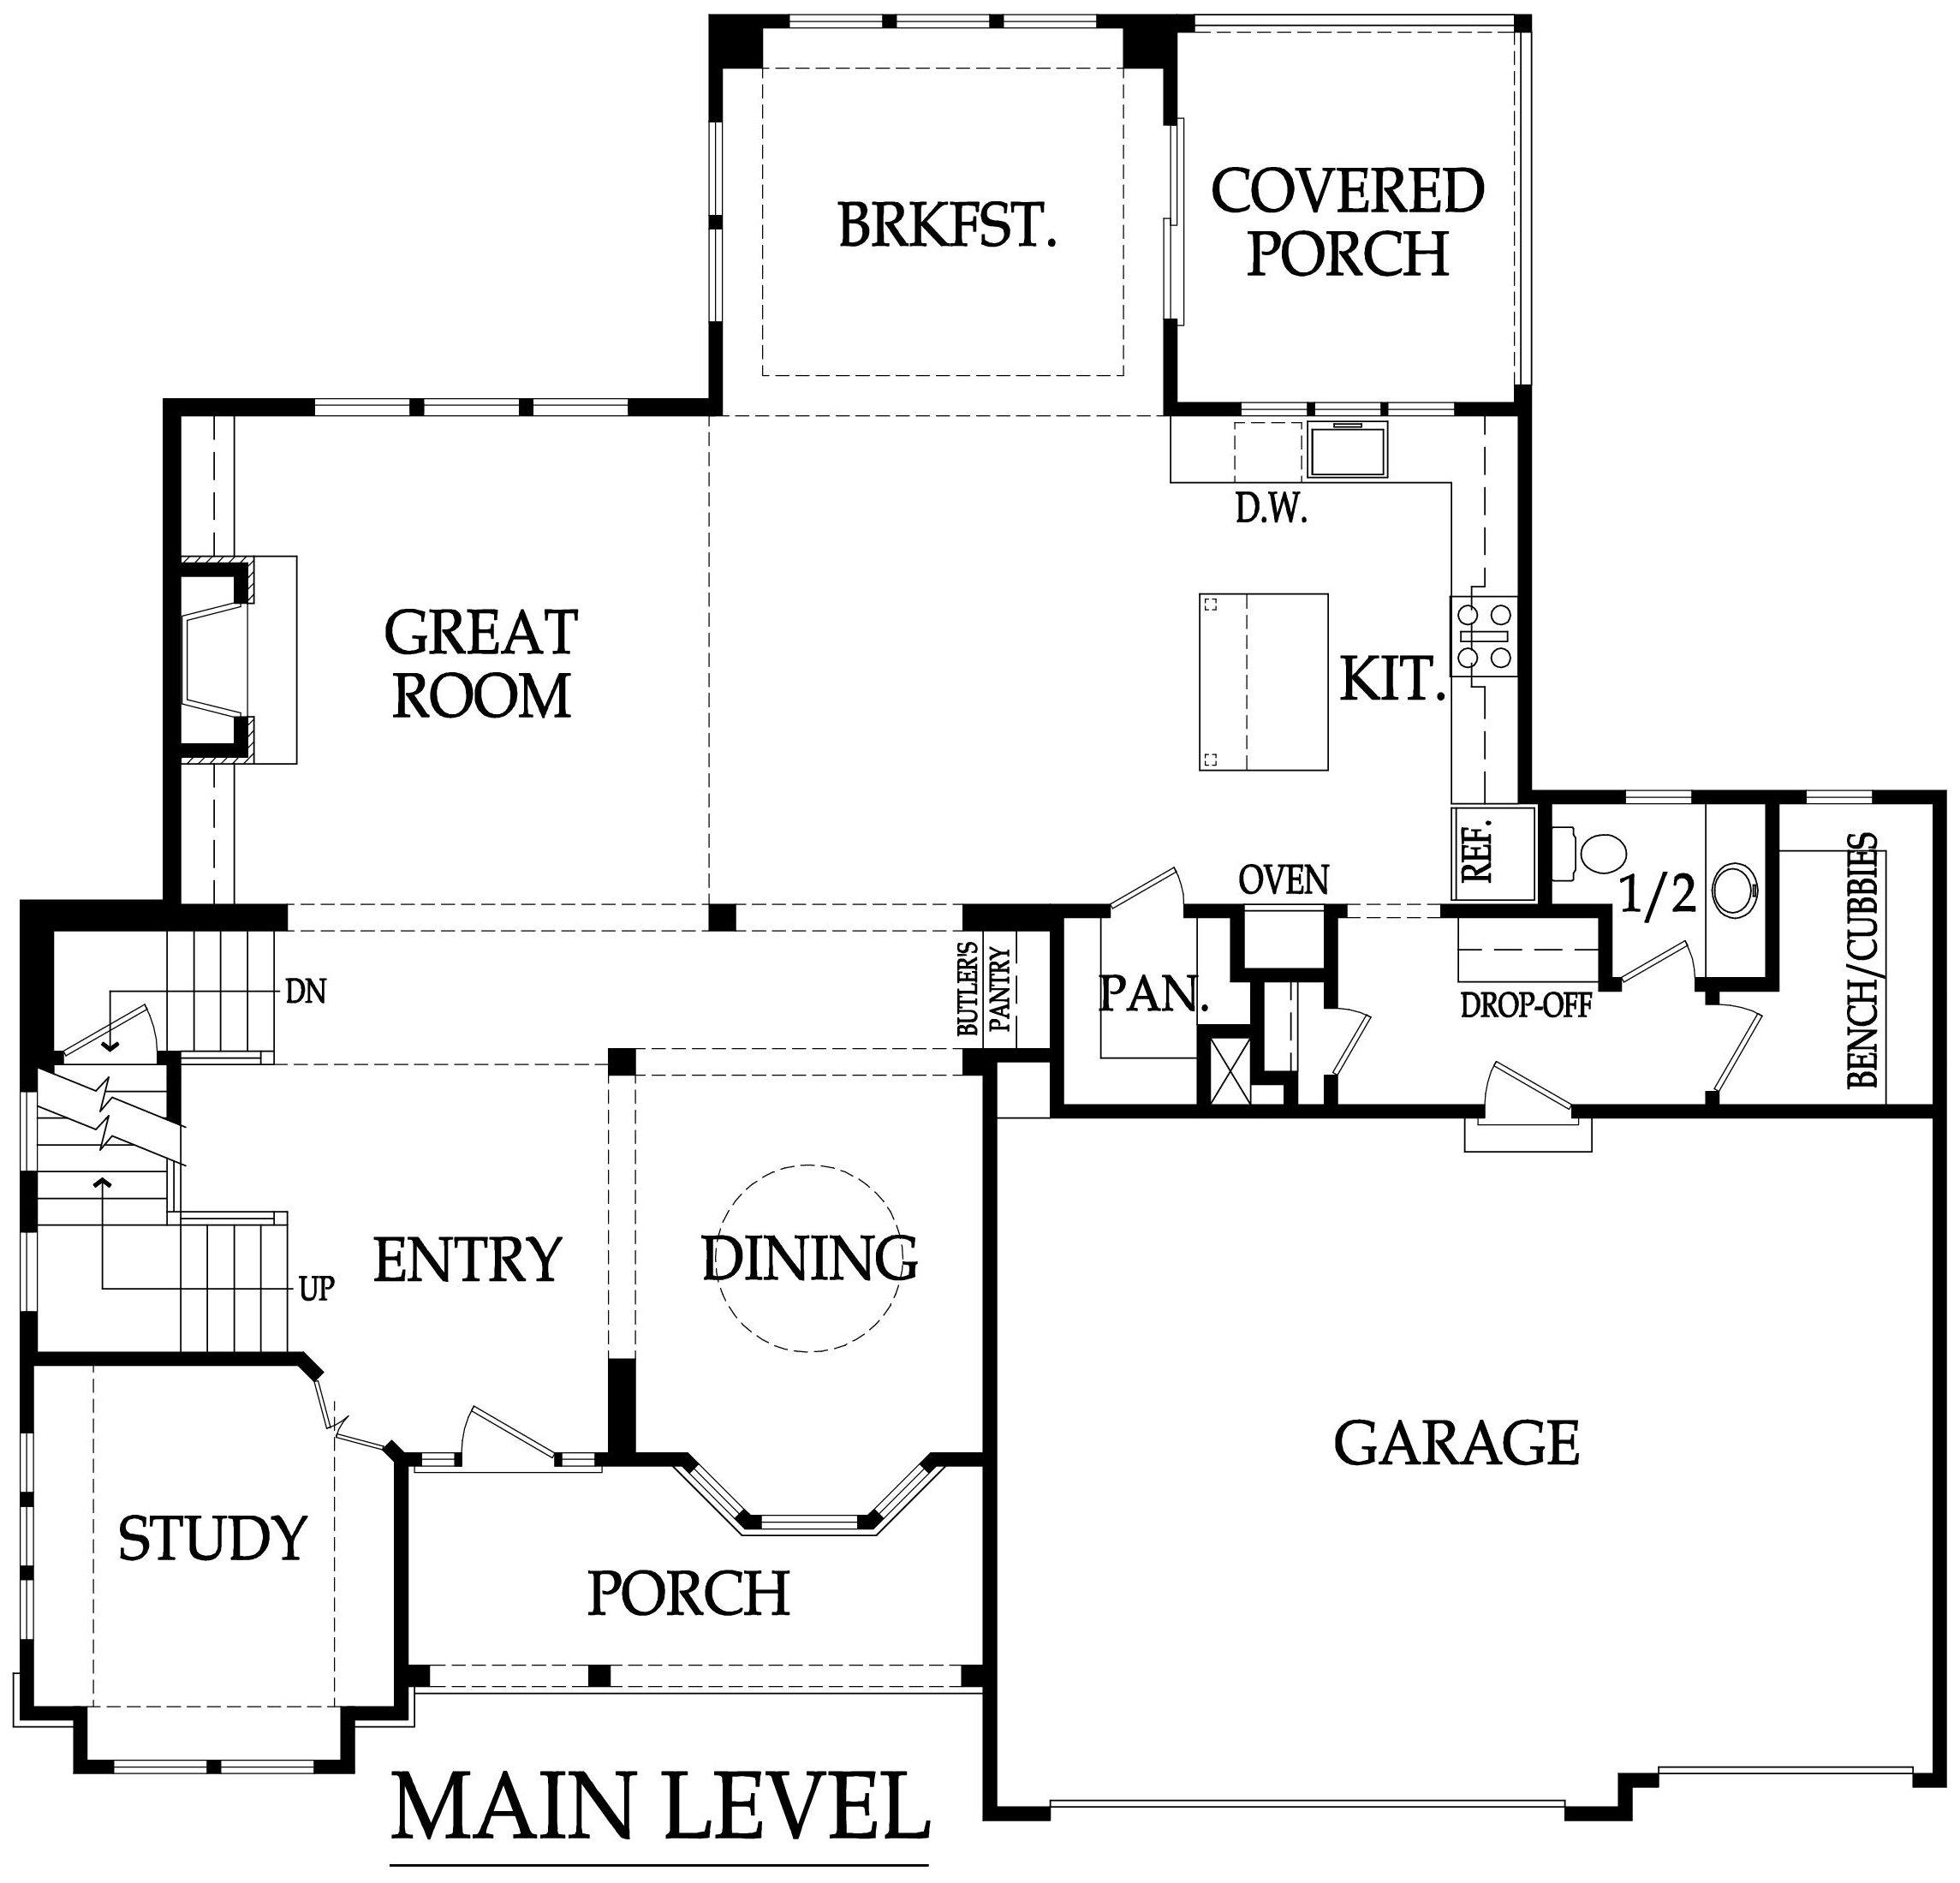 Roanoke first floor